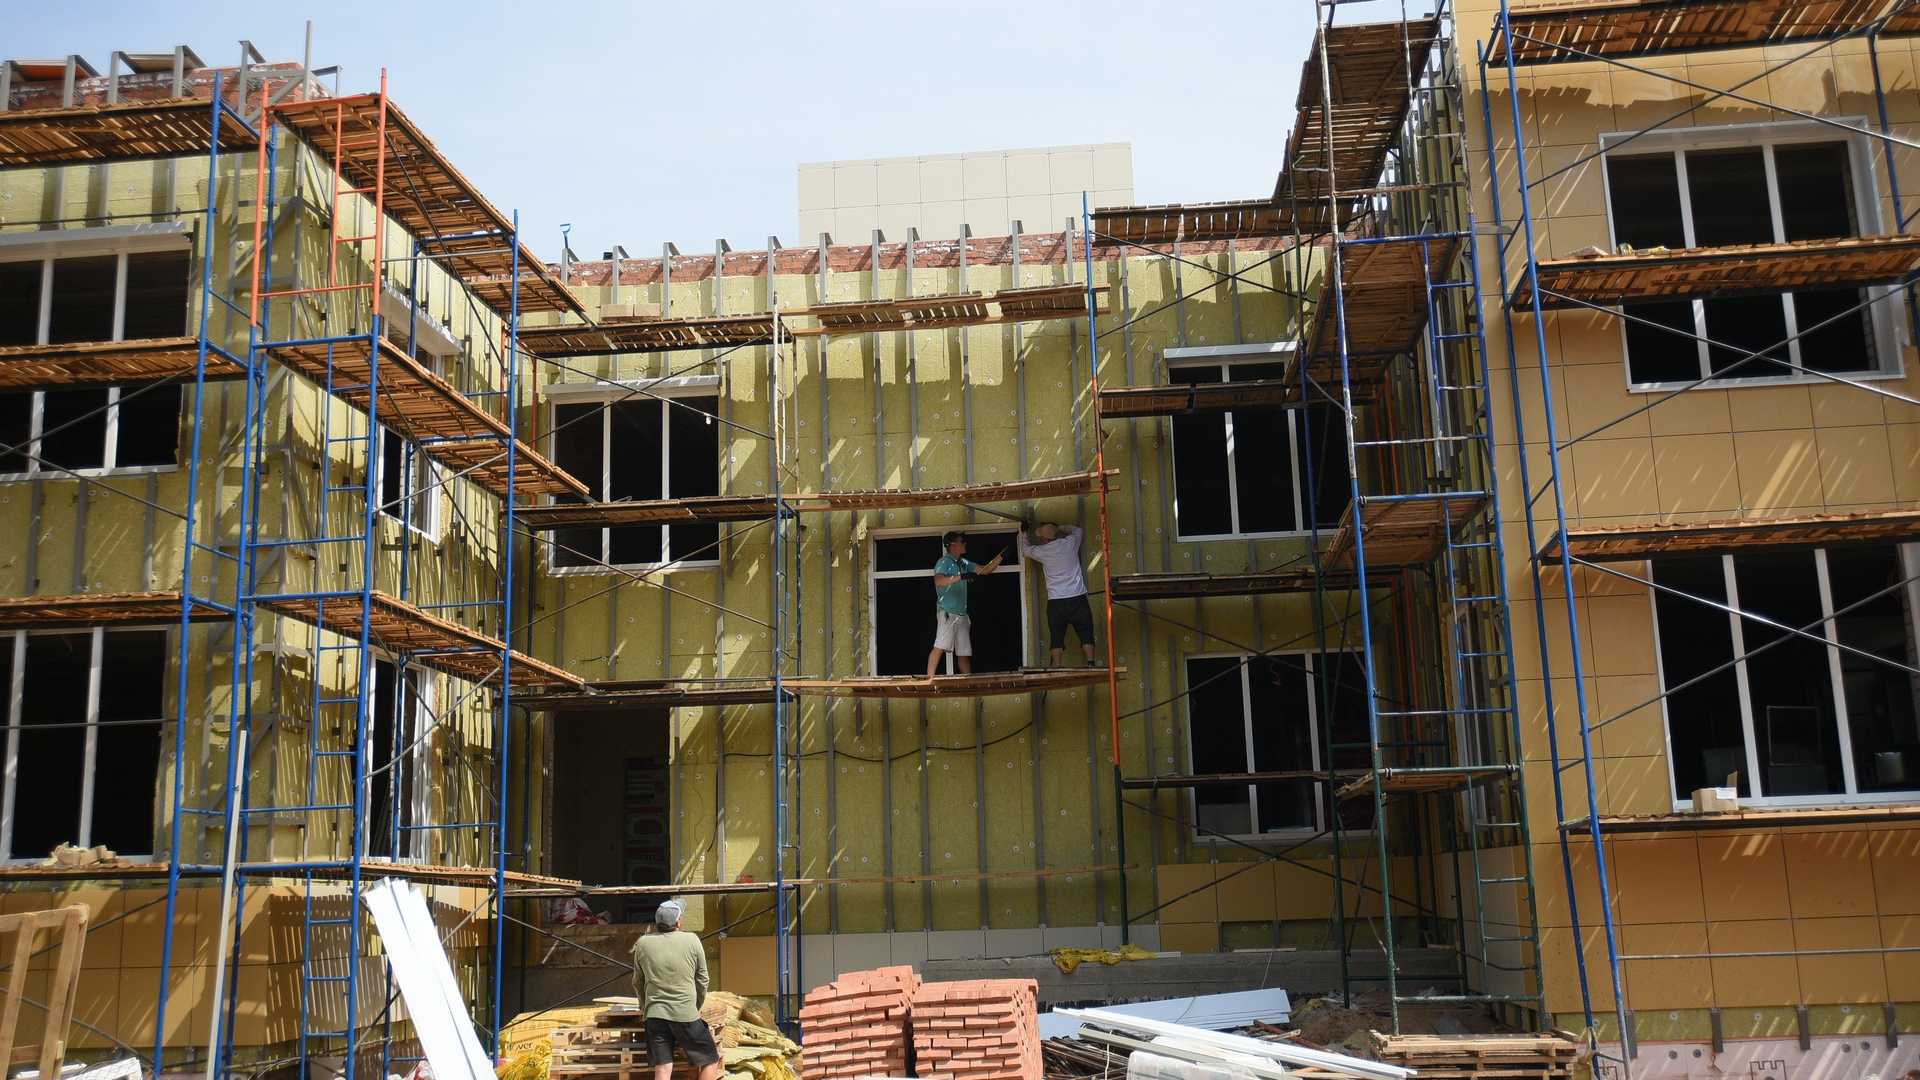 Дошкольное учреждение будет состоять из двух блоков, связанных между собой наземным переходом